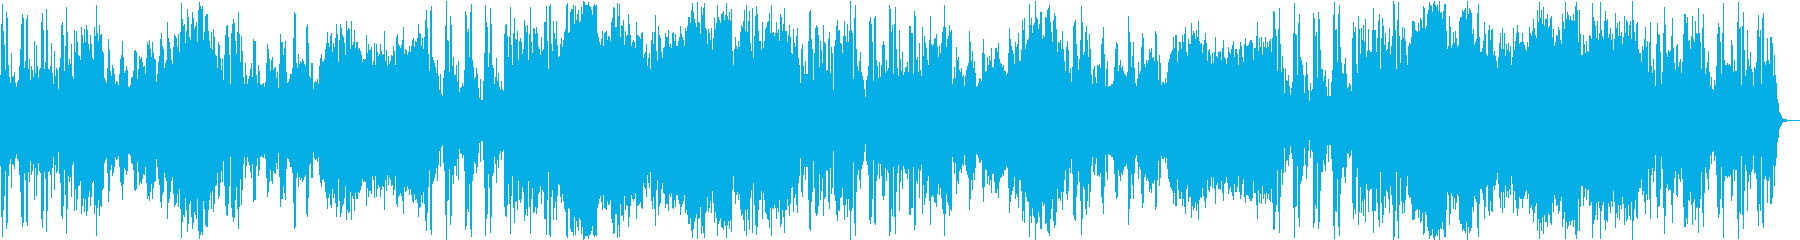 緊張感のあるフルオーケストラの再生済みの波形